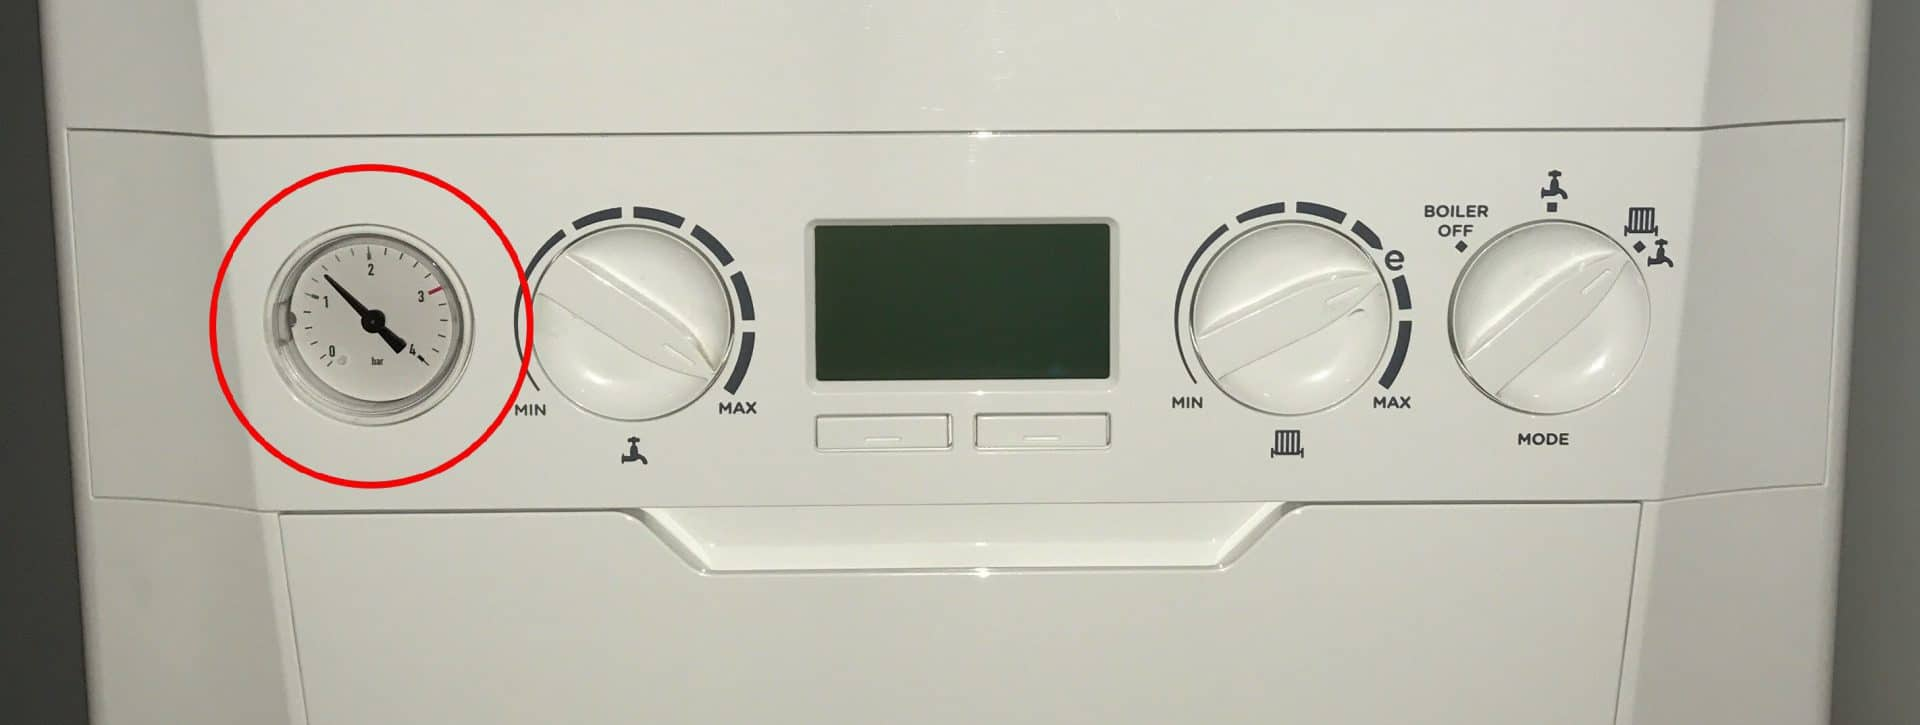 Boiler Water Pressure Low - Ideal Logic+ UI board